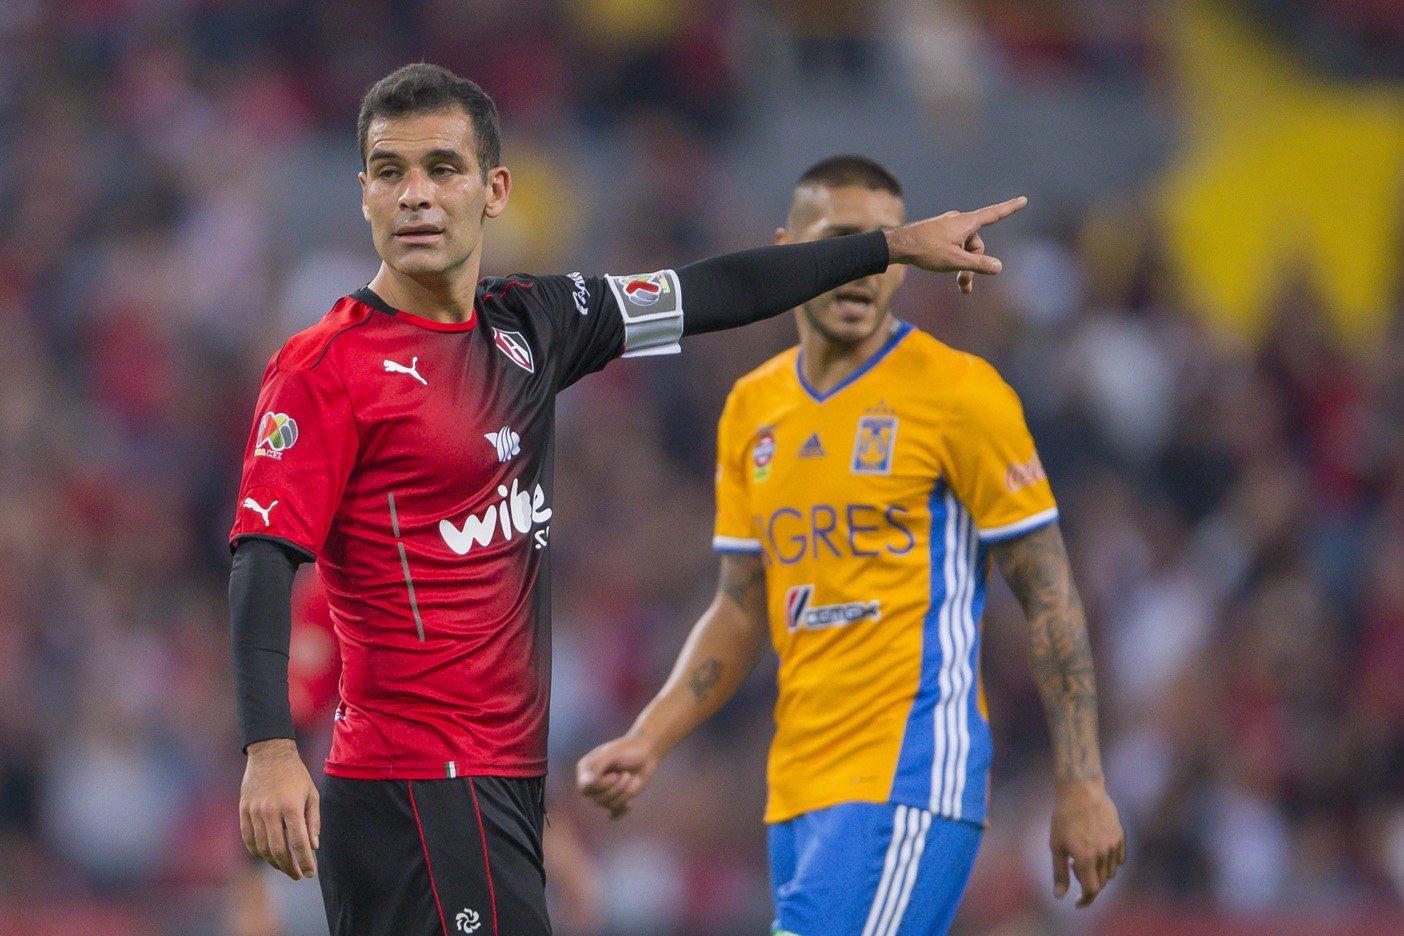 Nike revisa sus vículos con el futbolista Rafa Márquez — VENEZUELA